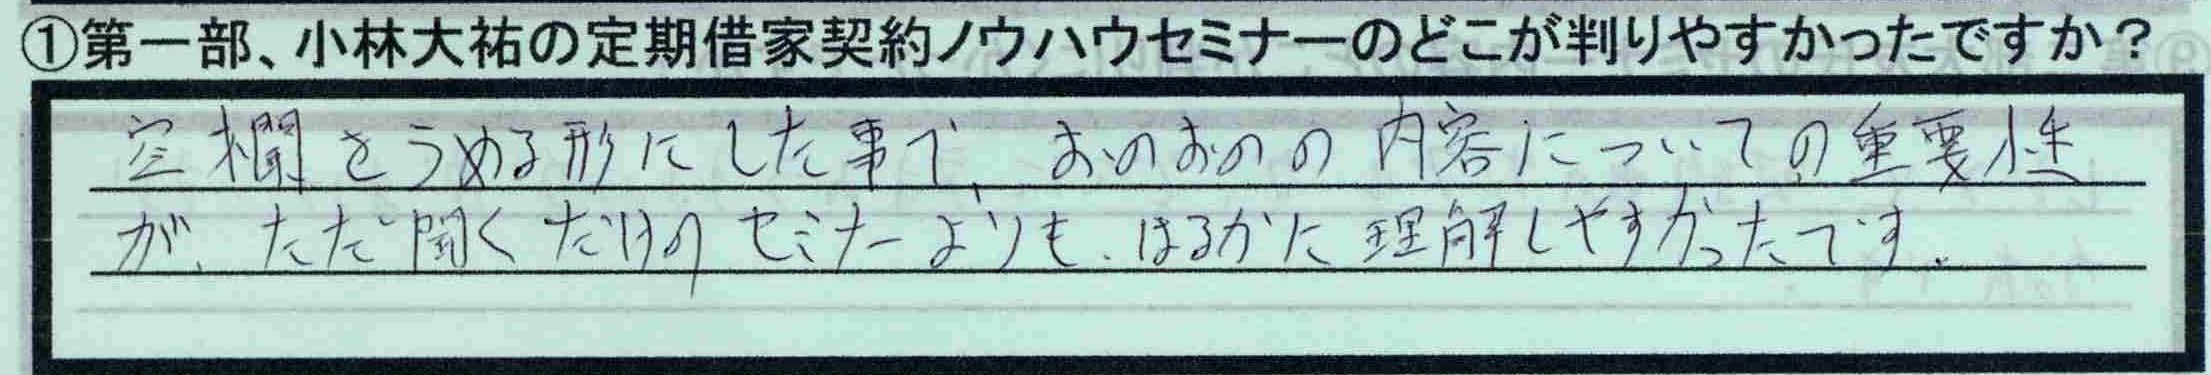 【神奈川県川崎市】【須山弘孝さん】【どこが判りやすかったか?】